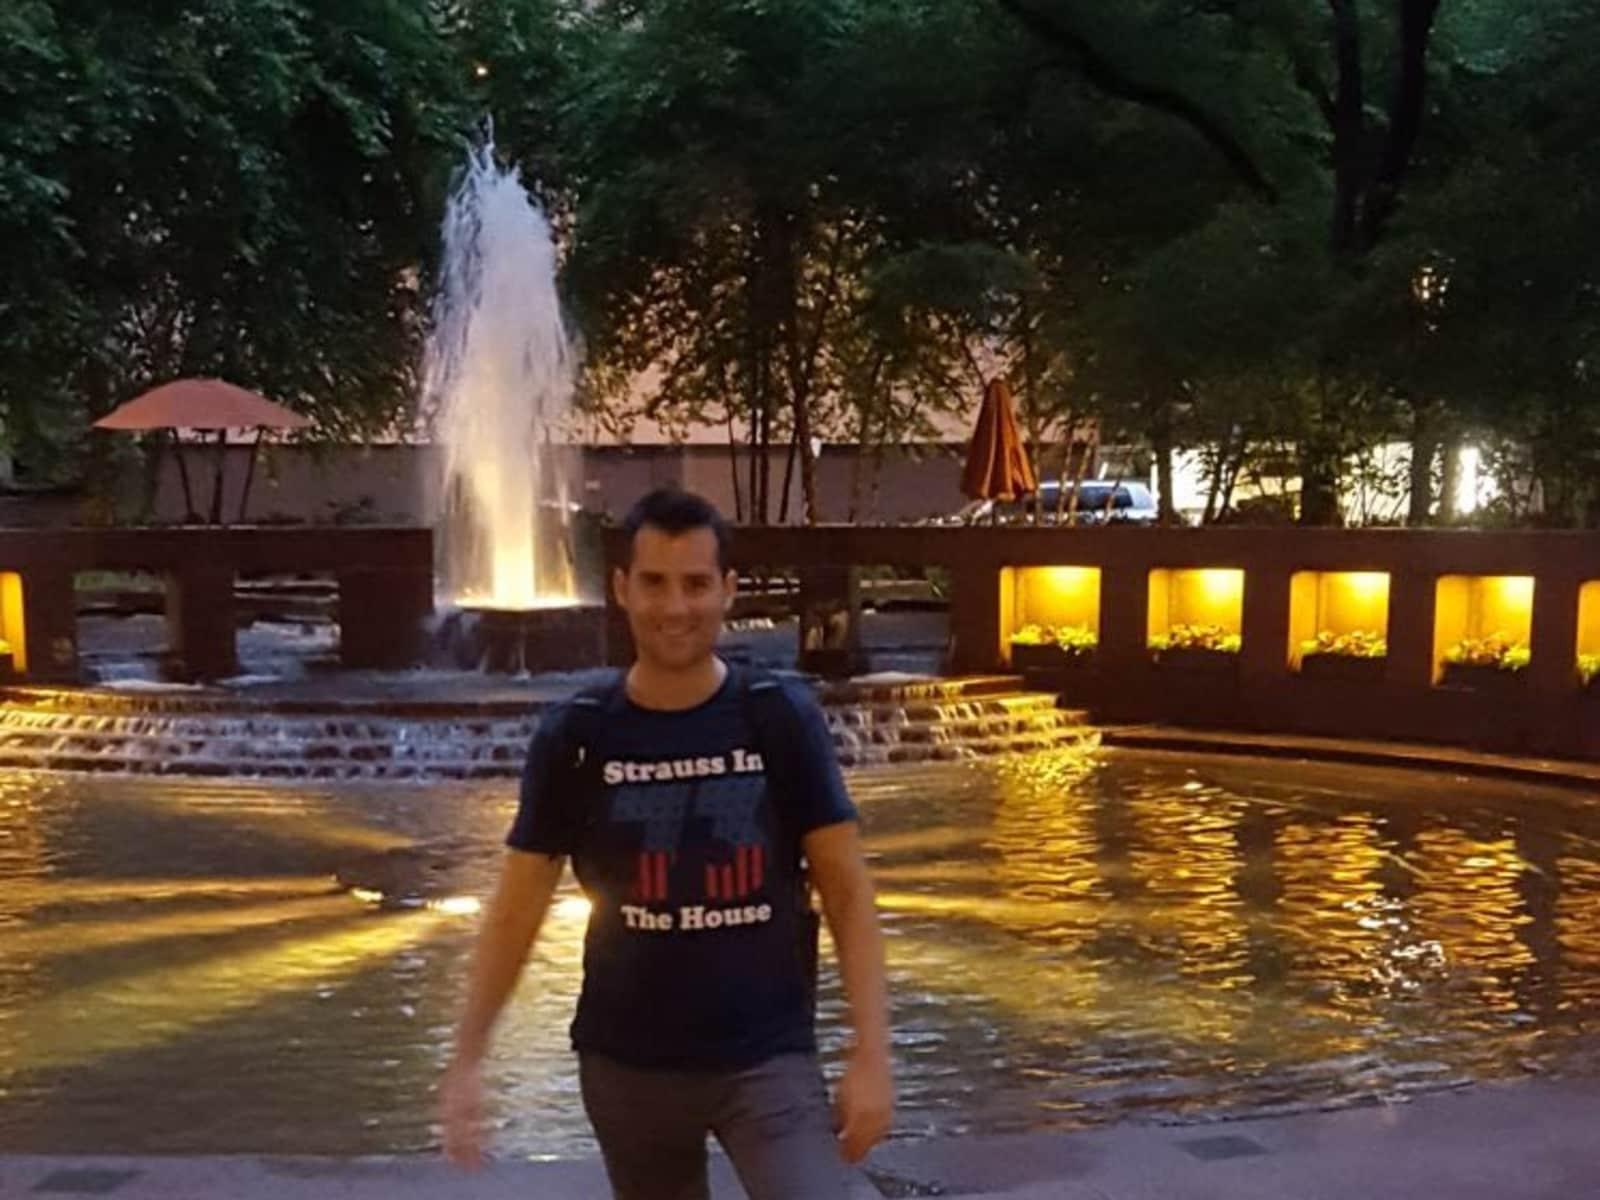 Oscar from Barcelona, Spain